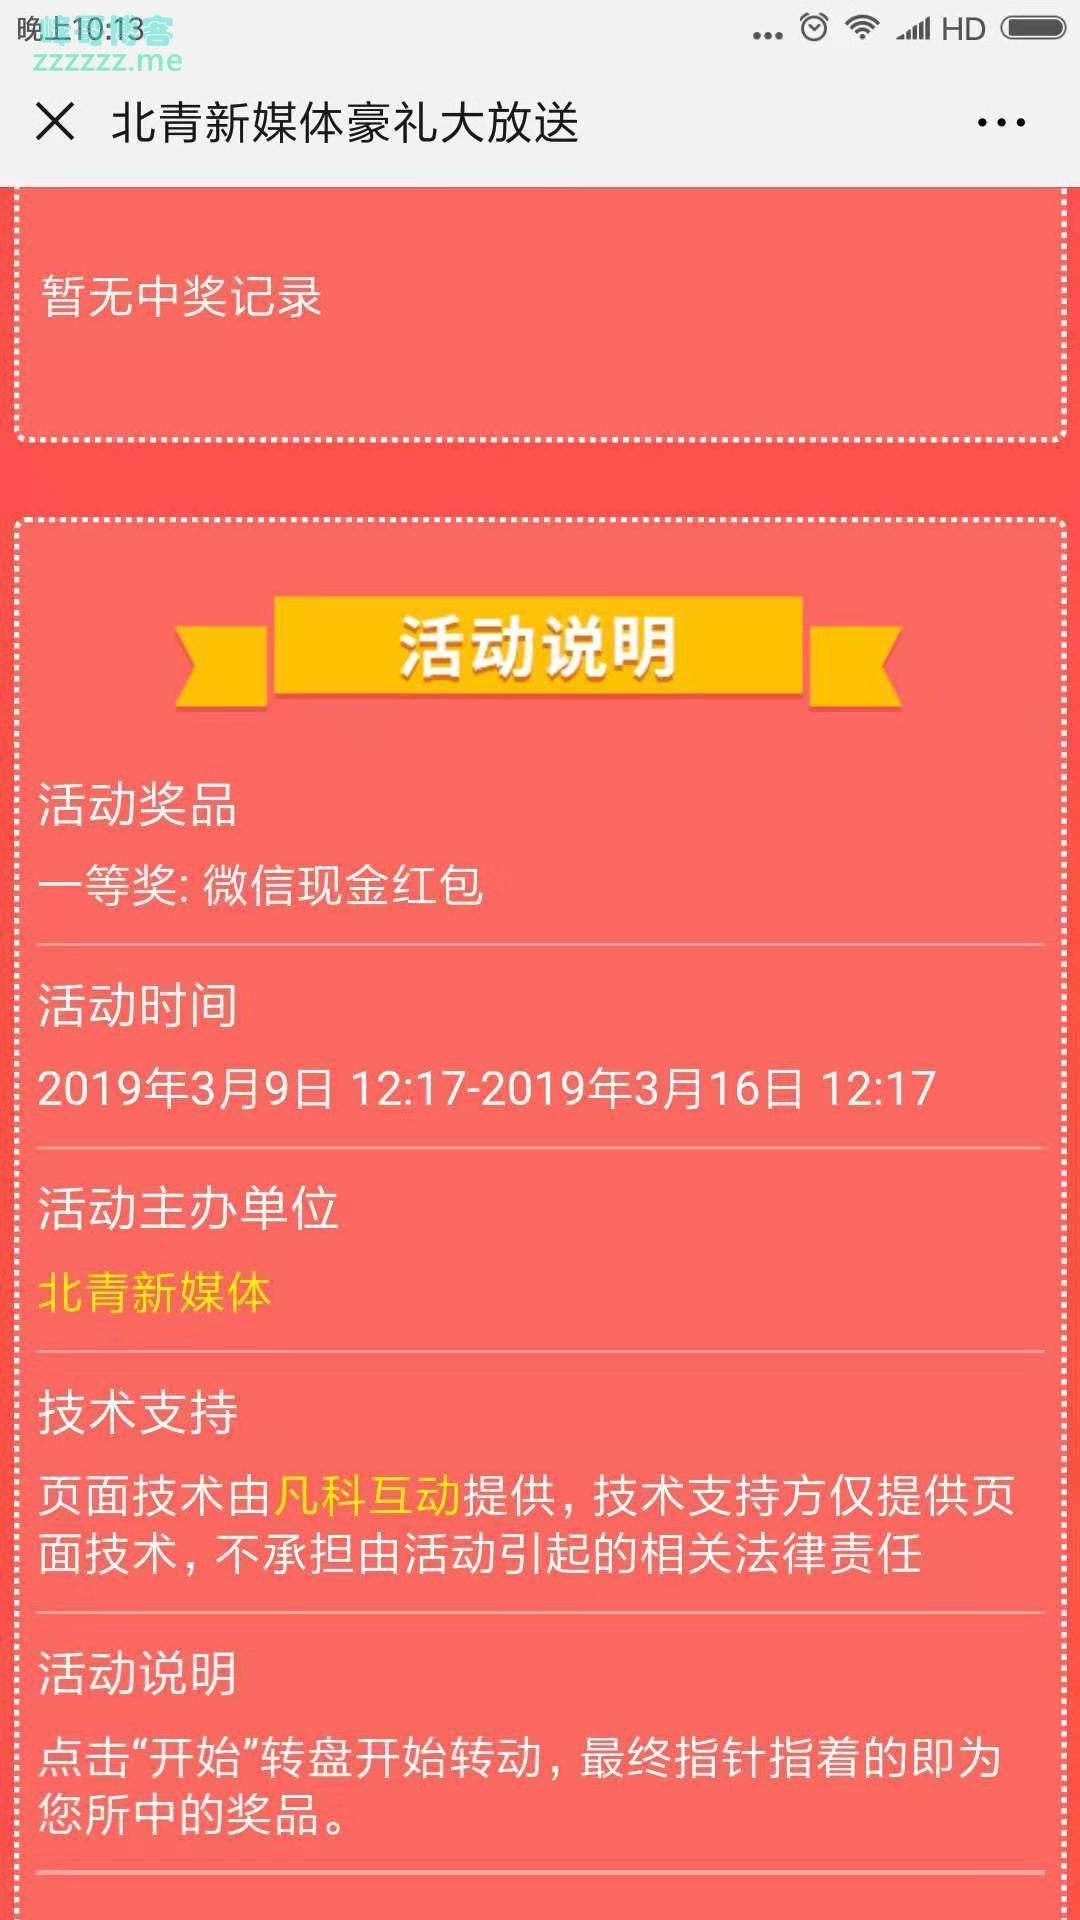 <北京青年报>第10周抽奖(截至3月16日)